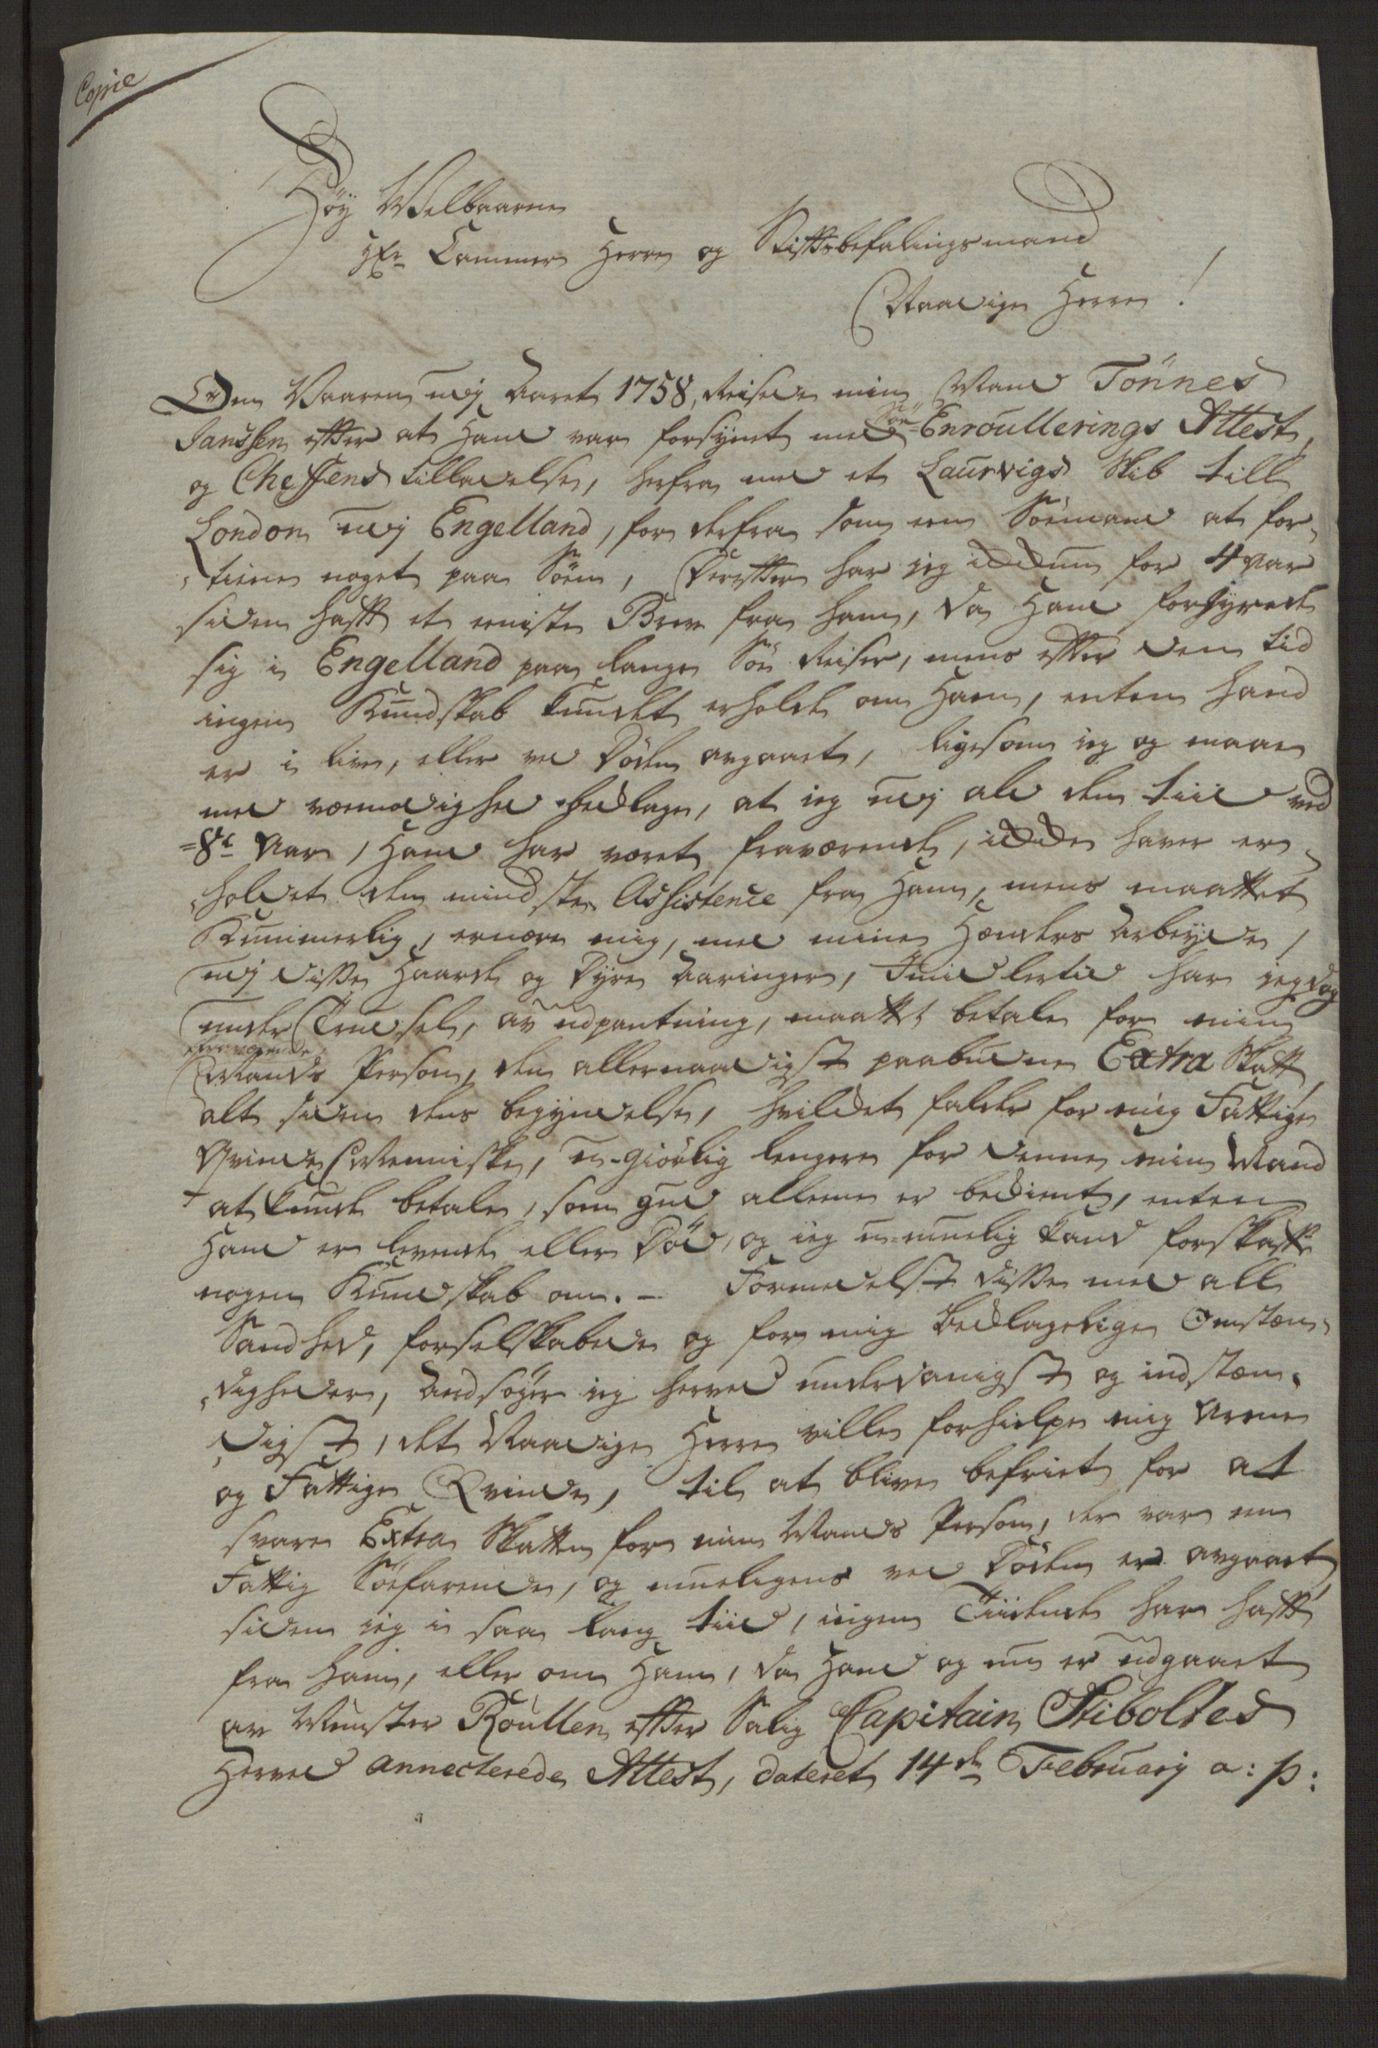 RA, Rentekammeret inntil 1814, Reviderte regnskaper, Byregnskaper, R/Rg/L0144: [G4] Kontribusjonsregnskap, 1762-1767, s. 408